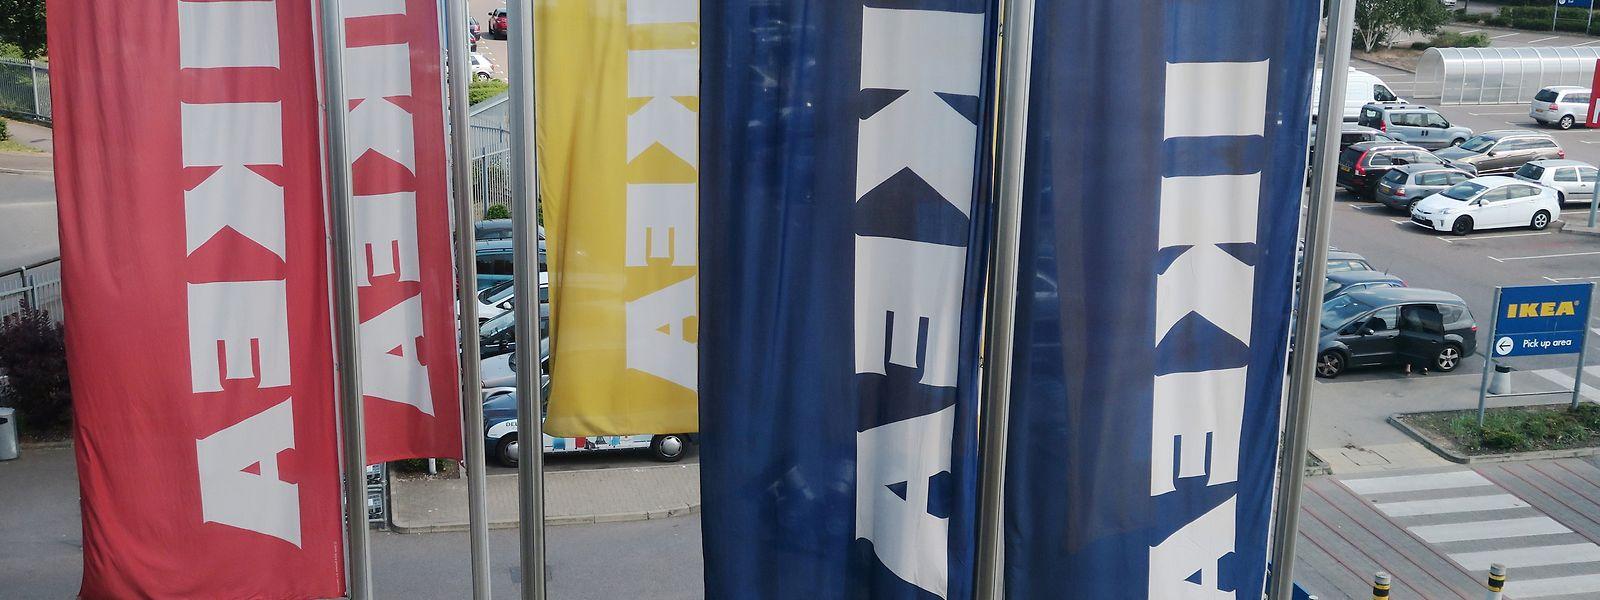 Neuer Manager: Wechsel an der Spitze des Möbel-Riesen Ikea